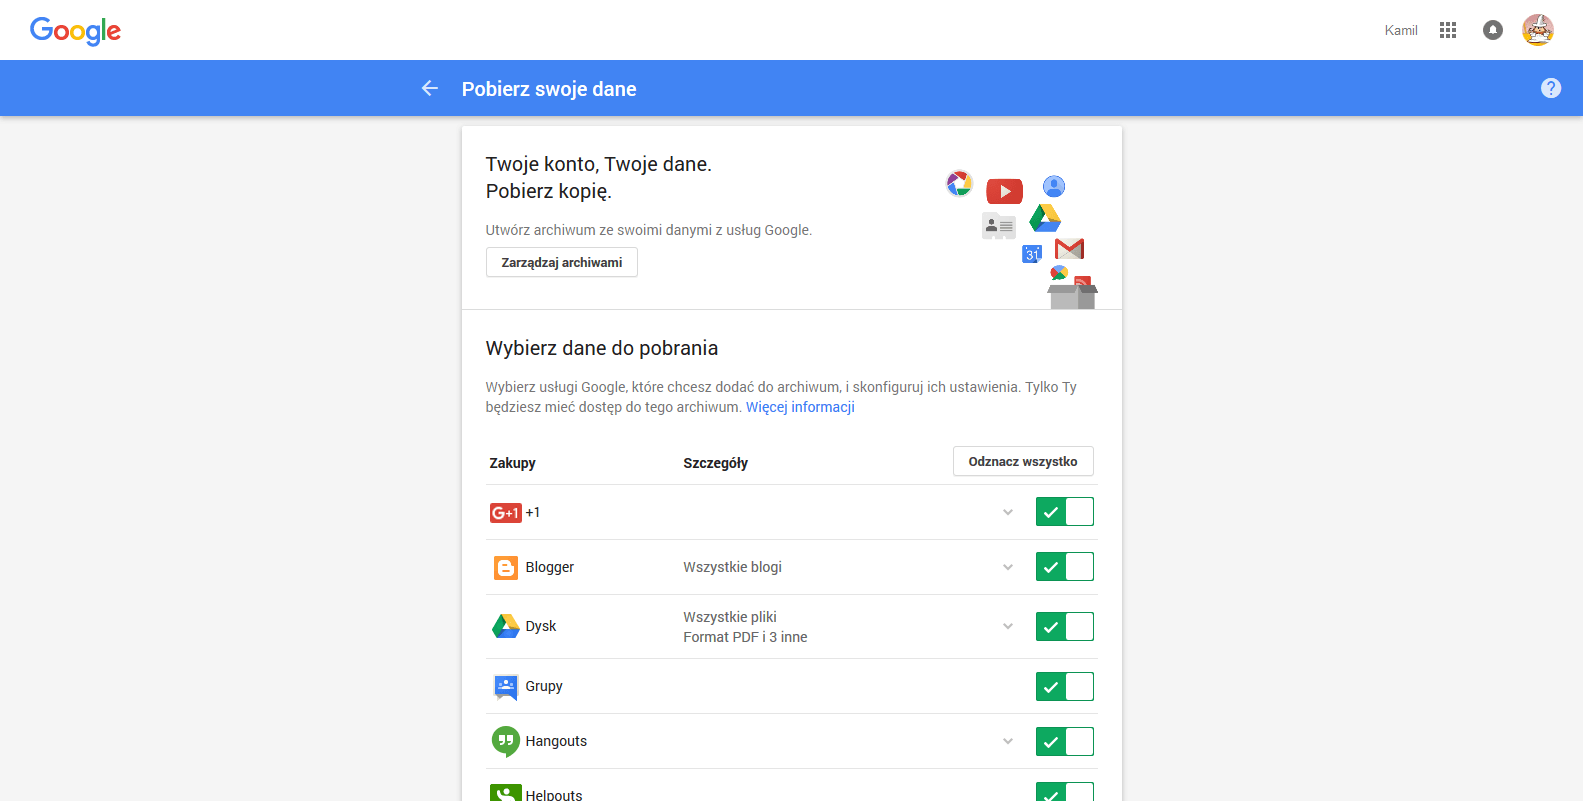 Narzędzia do zarządzania danymi – pobierz swoje dane   2015 11 02 15.02.01 Tworzymy kopię zapasową naszego profilu Google